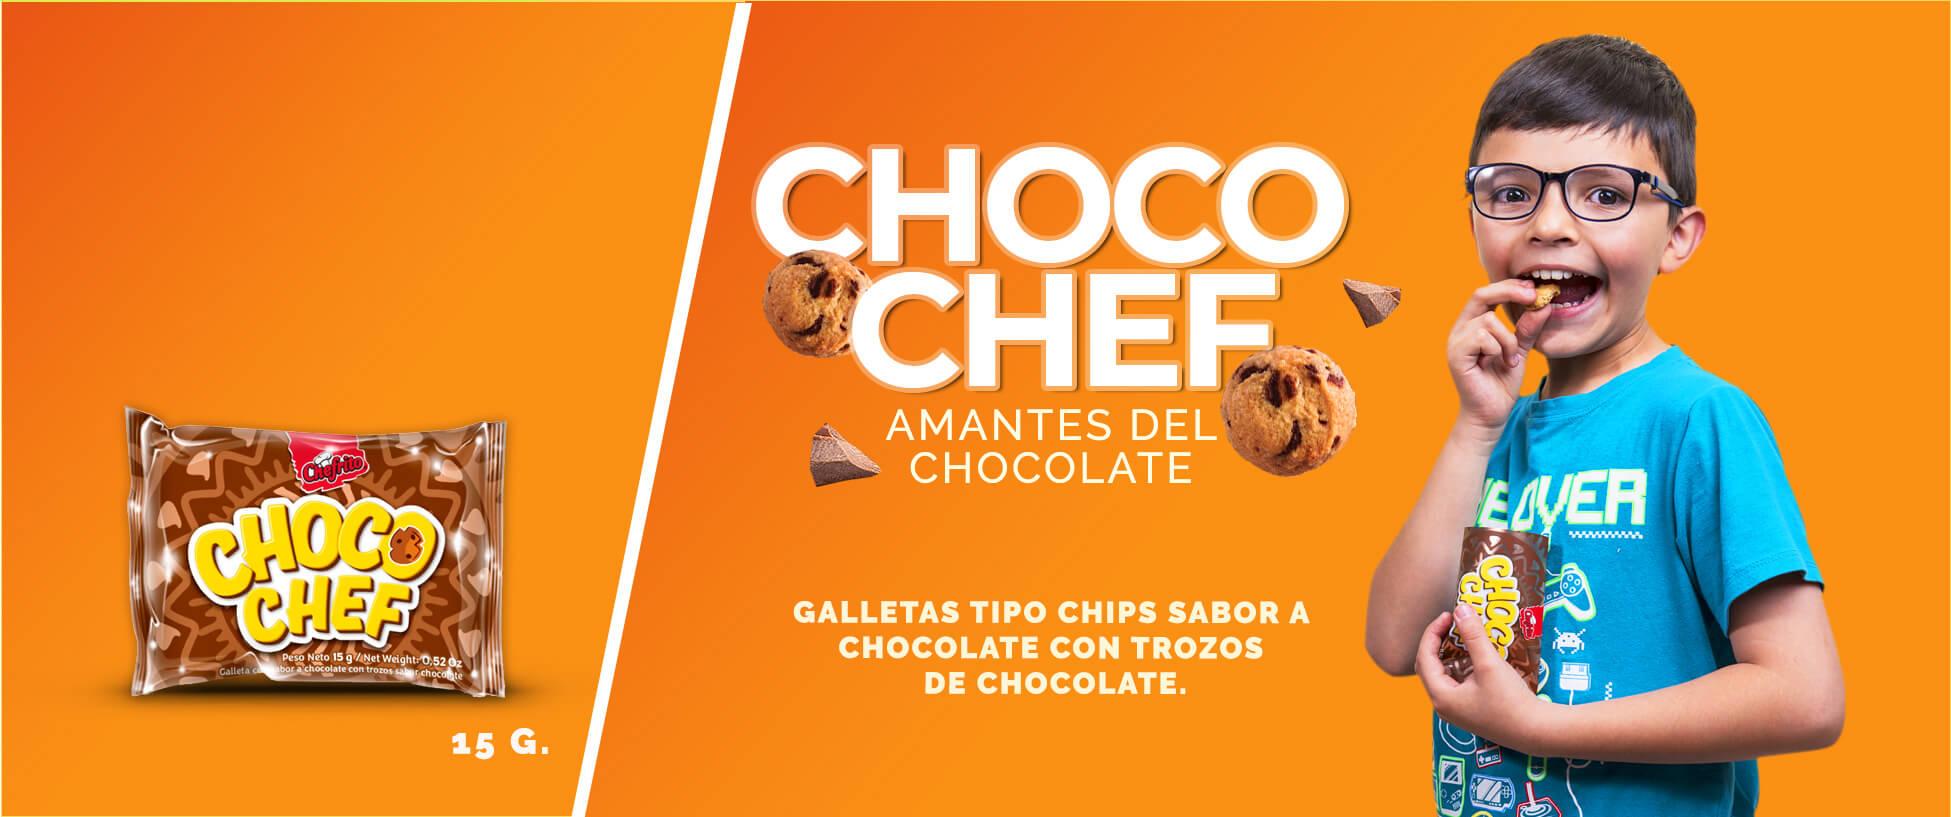 Chocochef 2